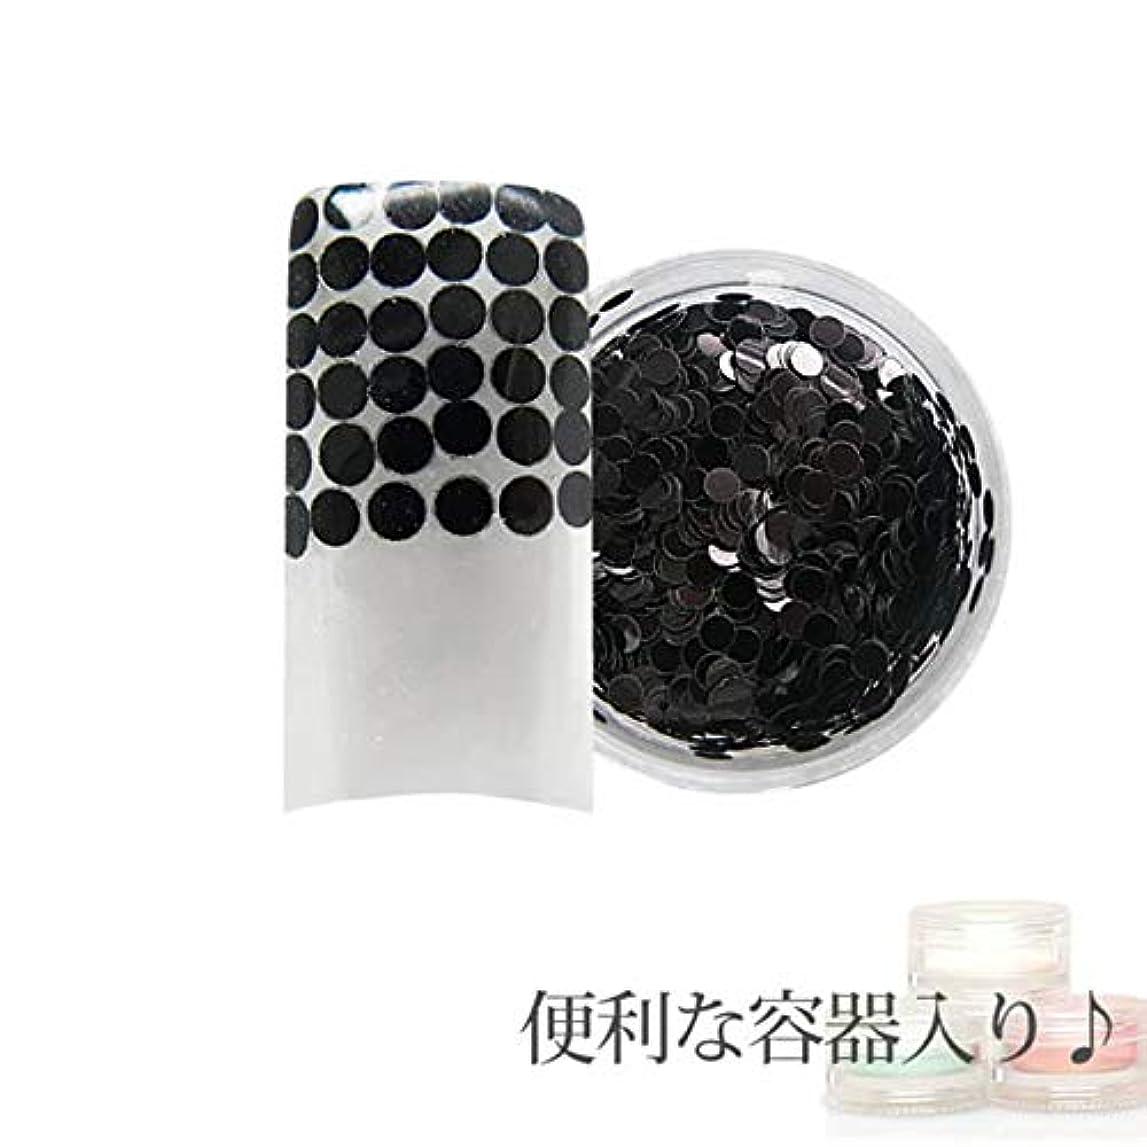 シンプトンコットンミリメーター容器入り 丸ホログラム ブラック 2ミリ 0.5g